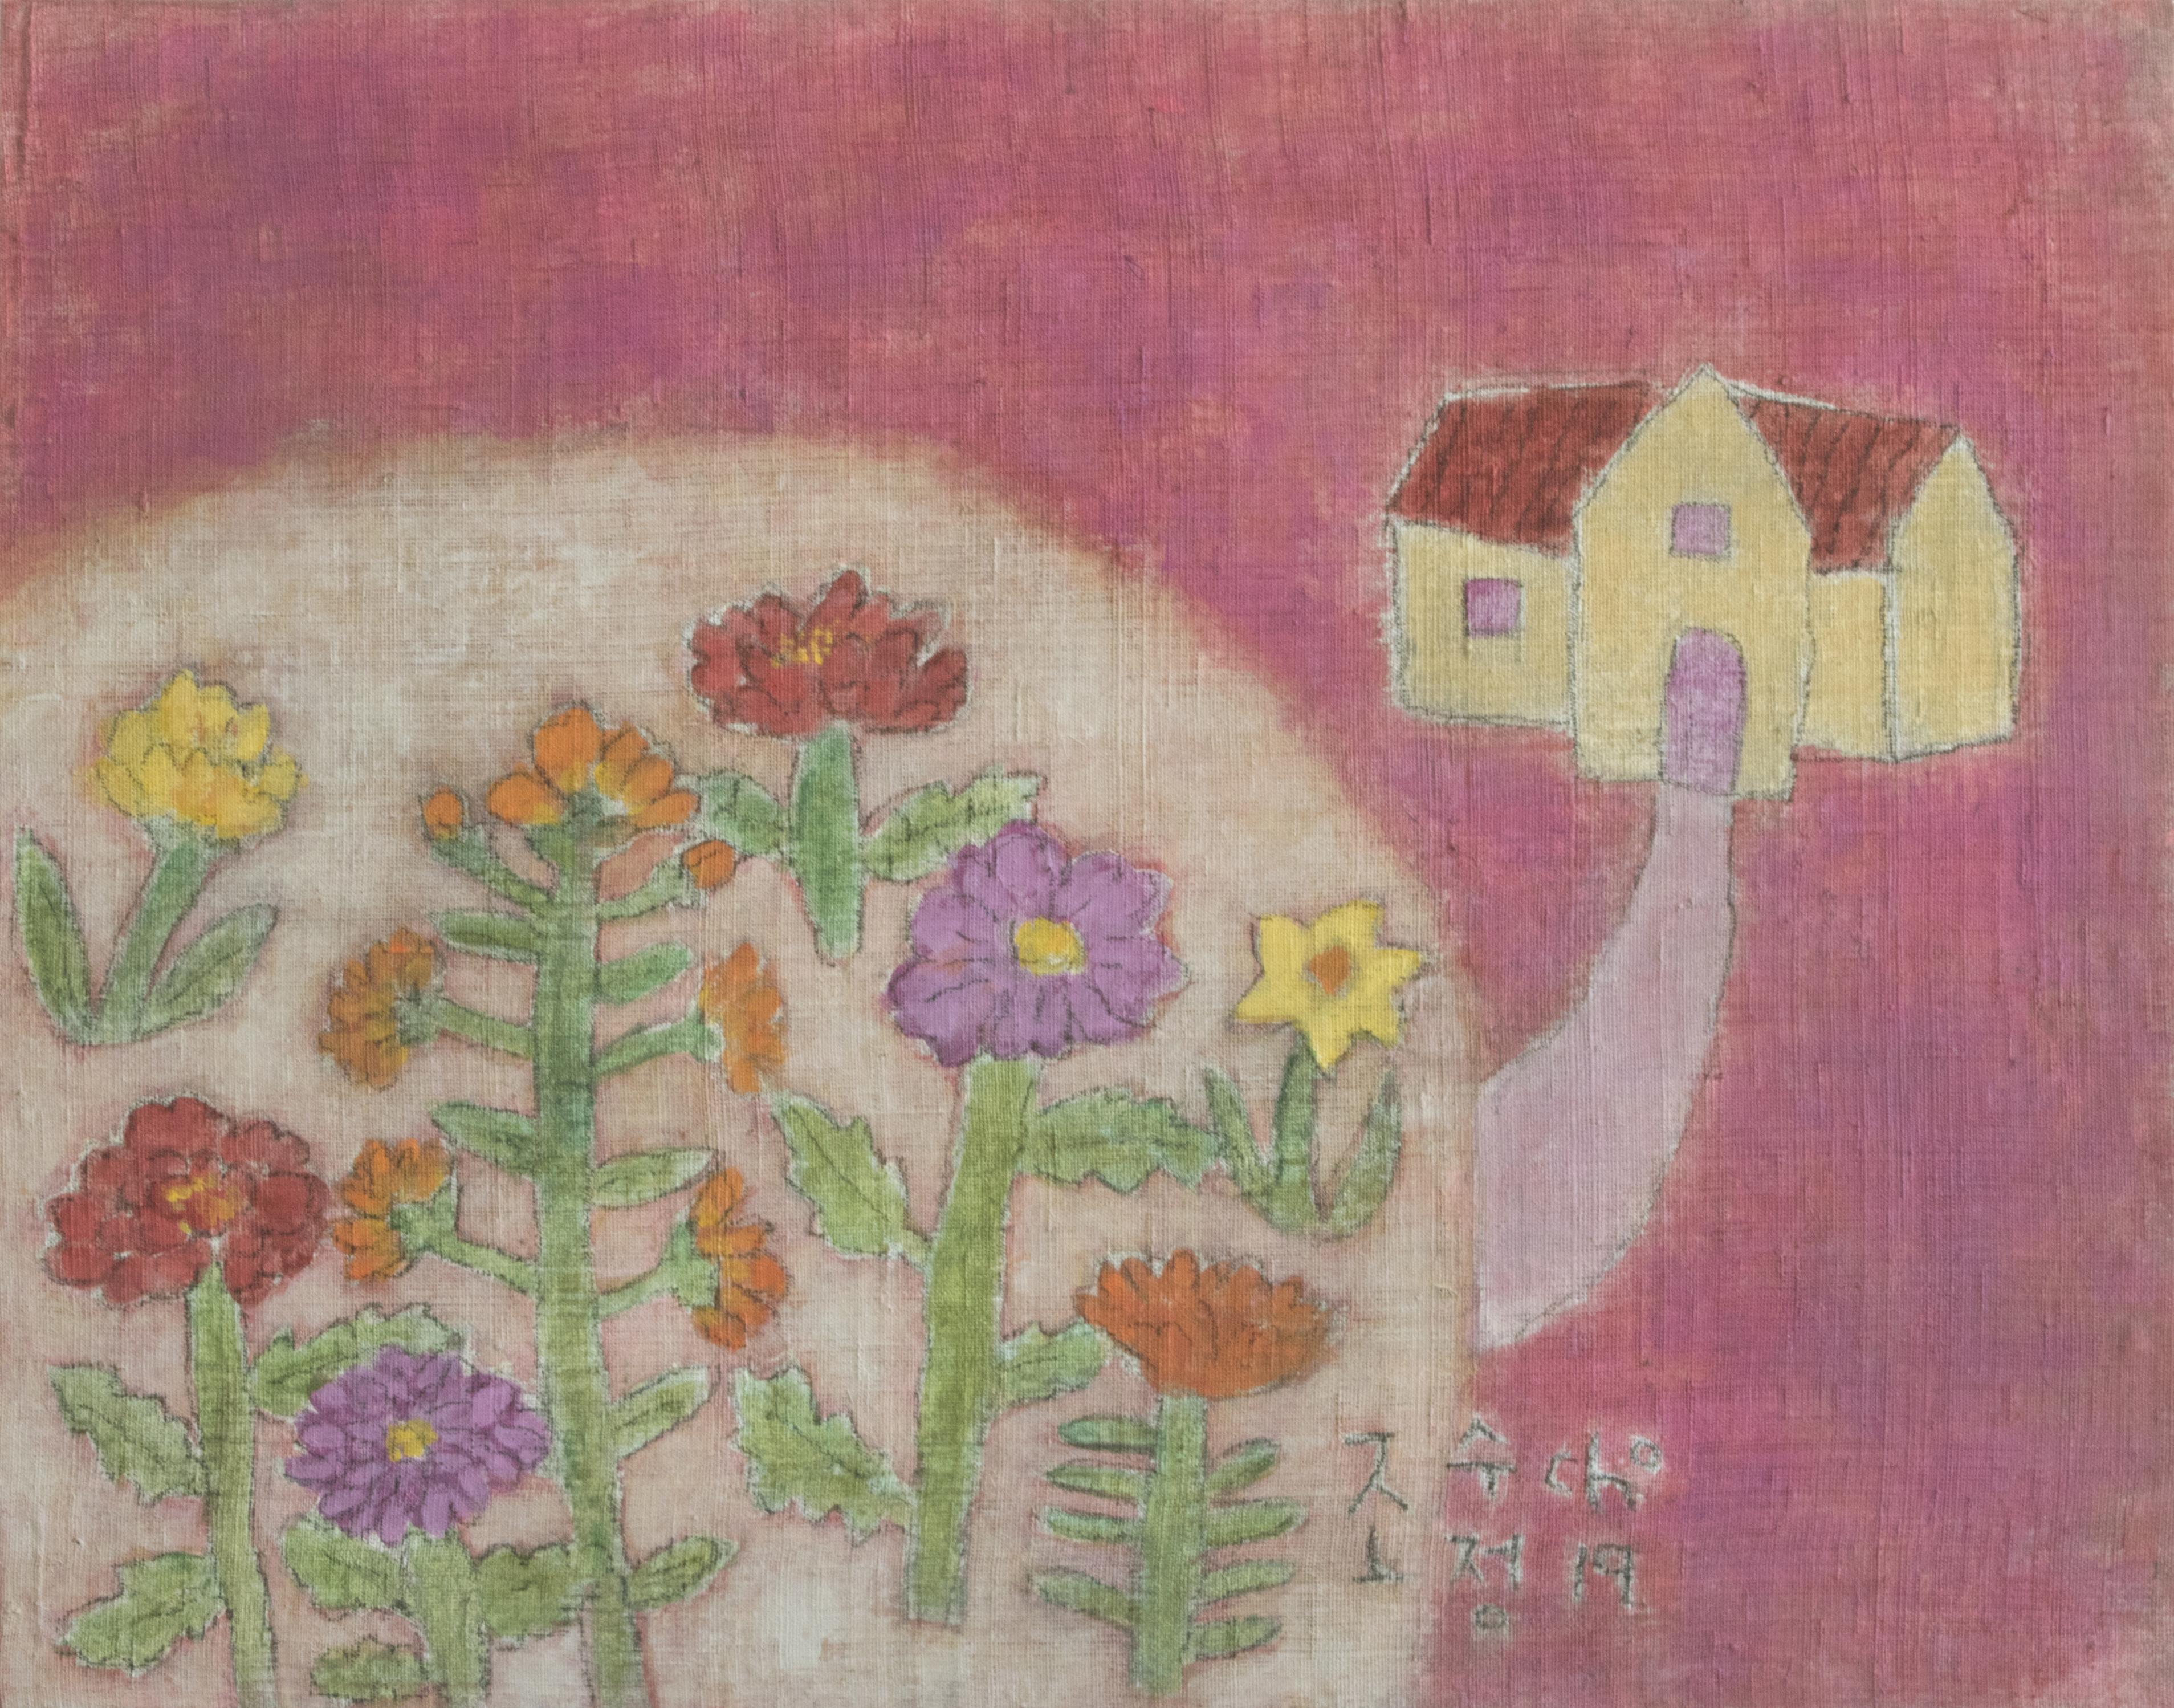 조수정2, 내 마음엔 언제나 봄이 와 있다, 70 x 55 cm, 삼베캔